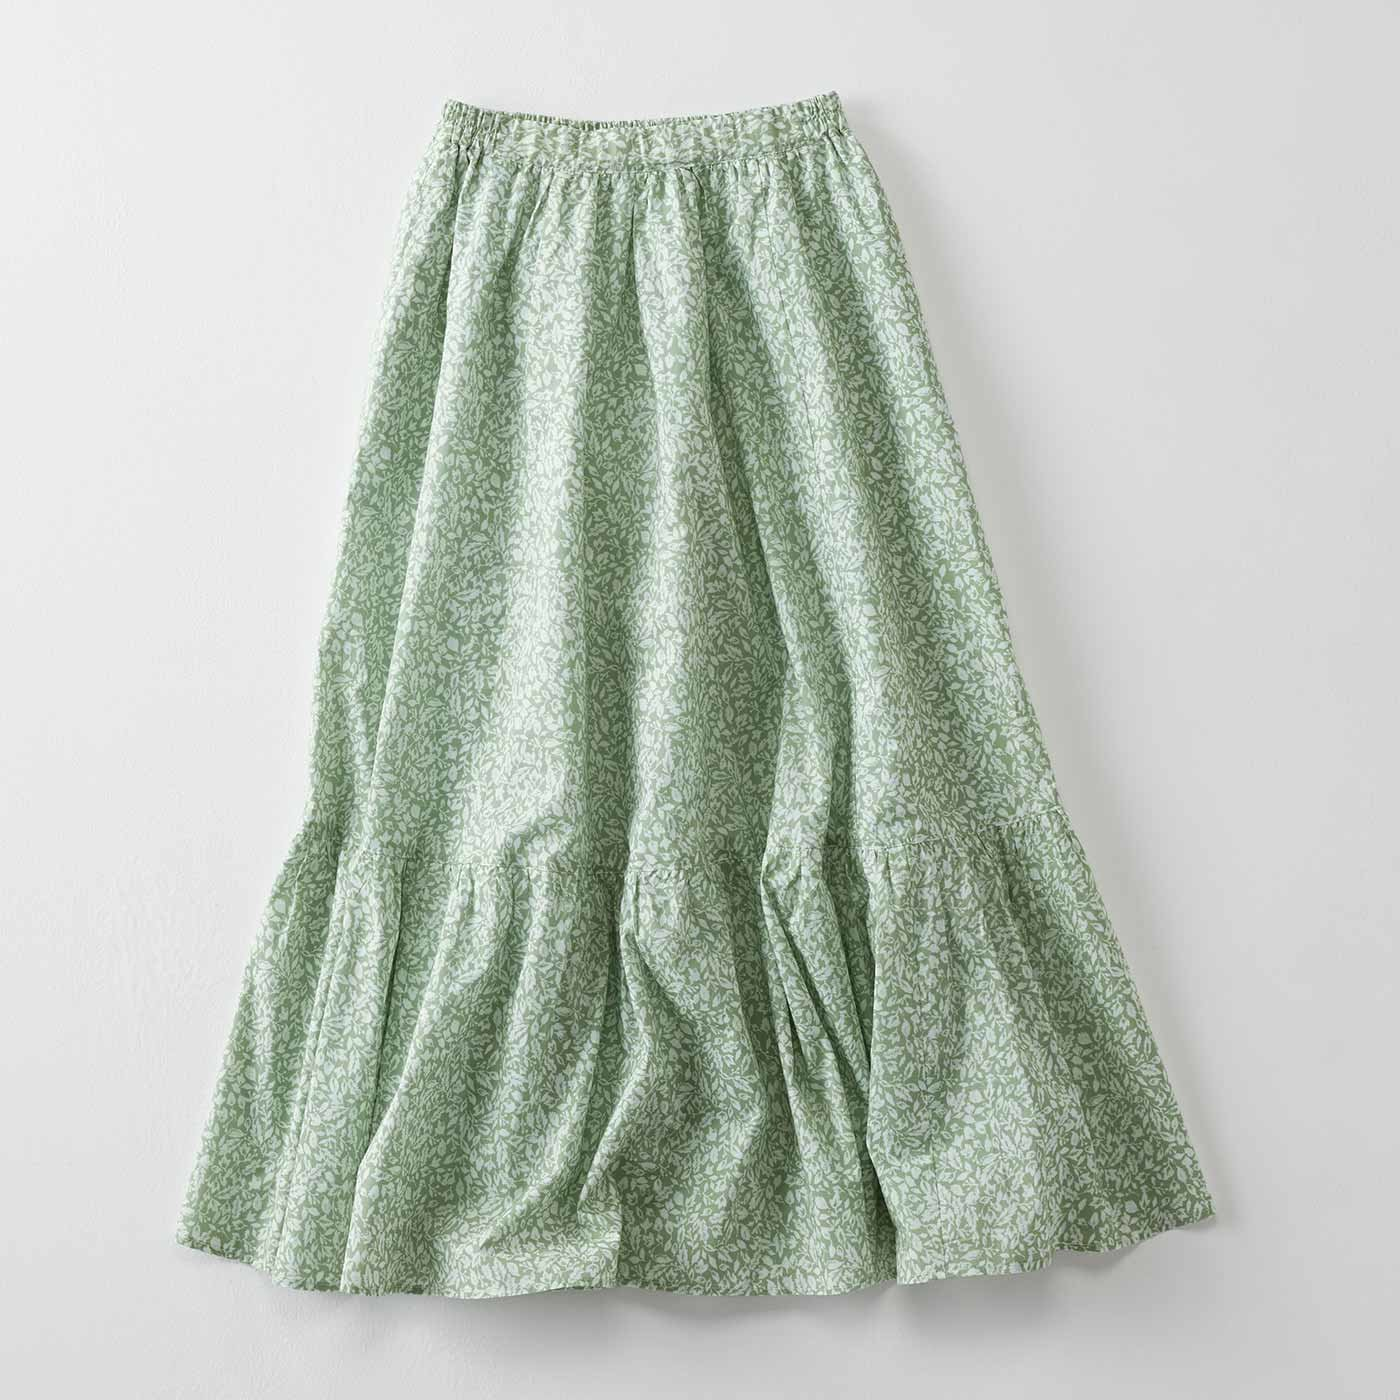 【3~10日でお届け】IEDIT[イディット] 小森美穂子さんコラボ ツートーン柄が大人なフレッシュカラーのフレアーロングスカート〈グリーン〉